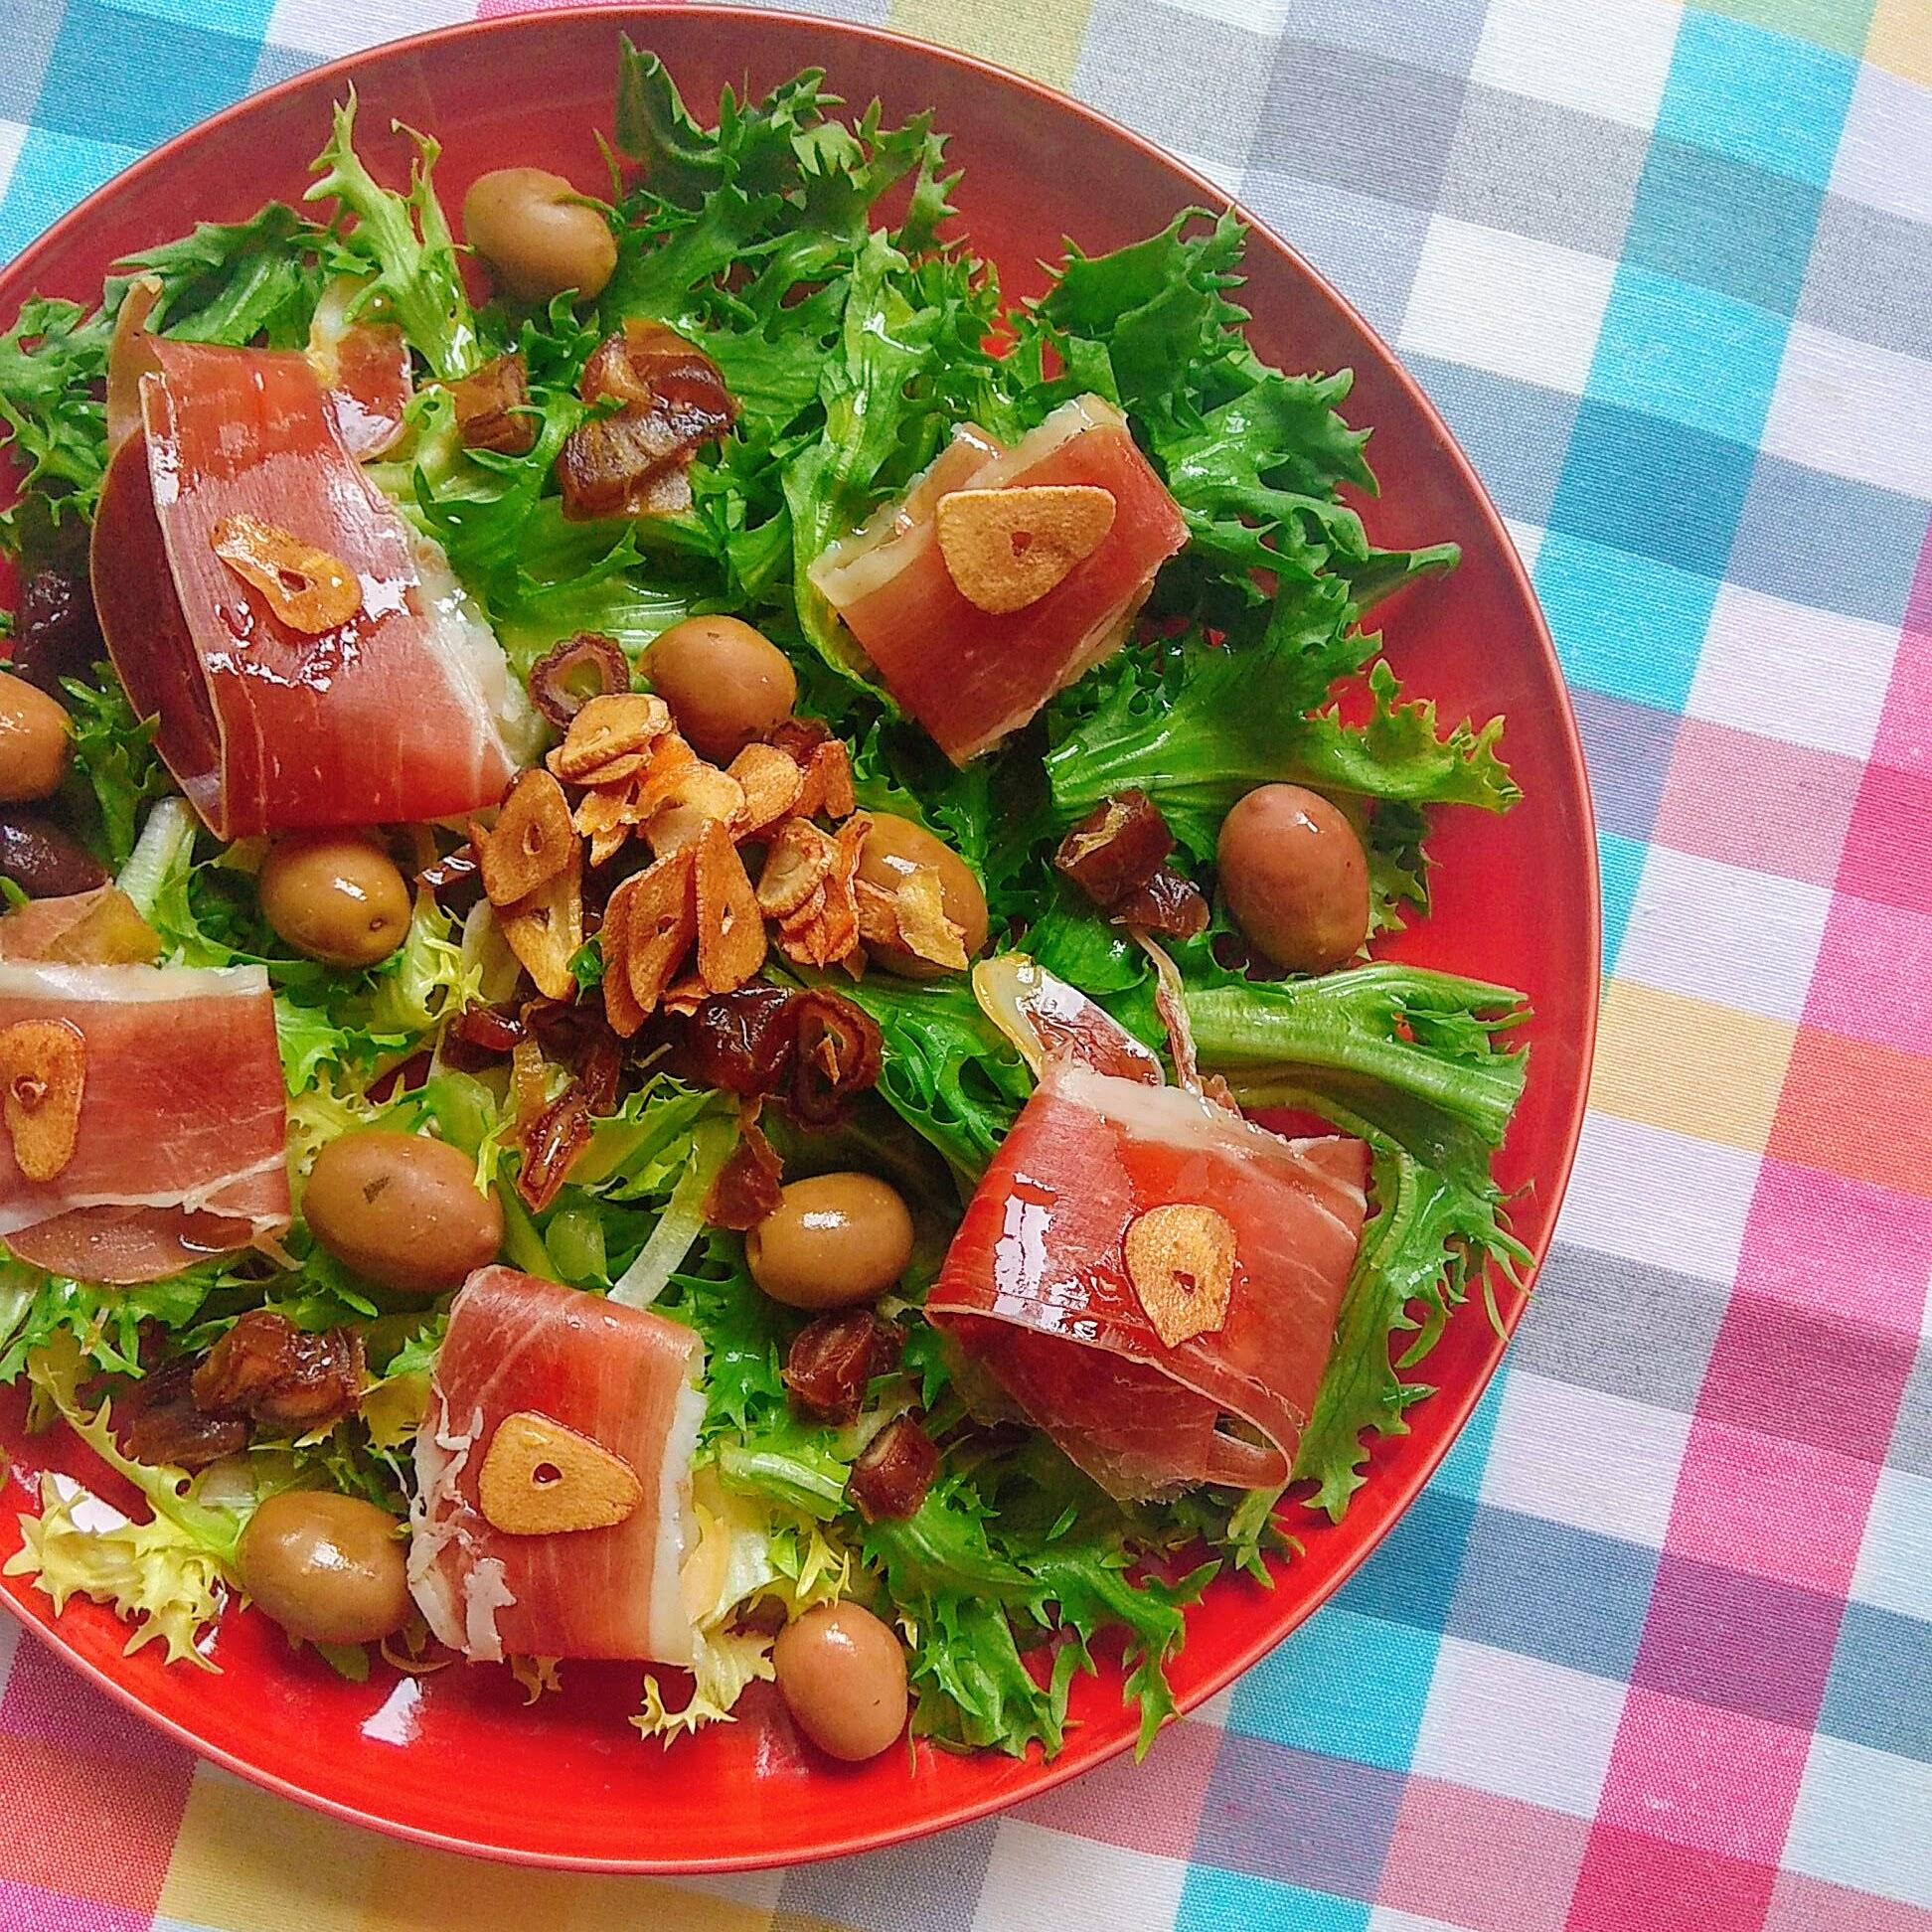 Receta rápida de Ensalada de escarola con ajo y jamón. Descúbrela en: www.cocinandoconlola.com